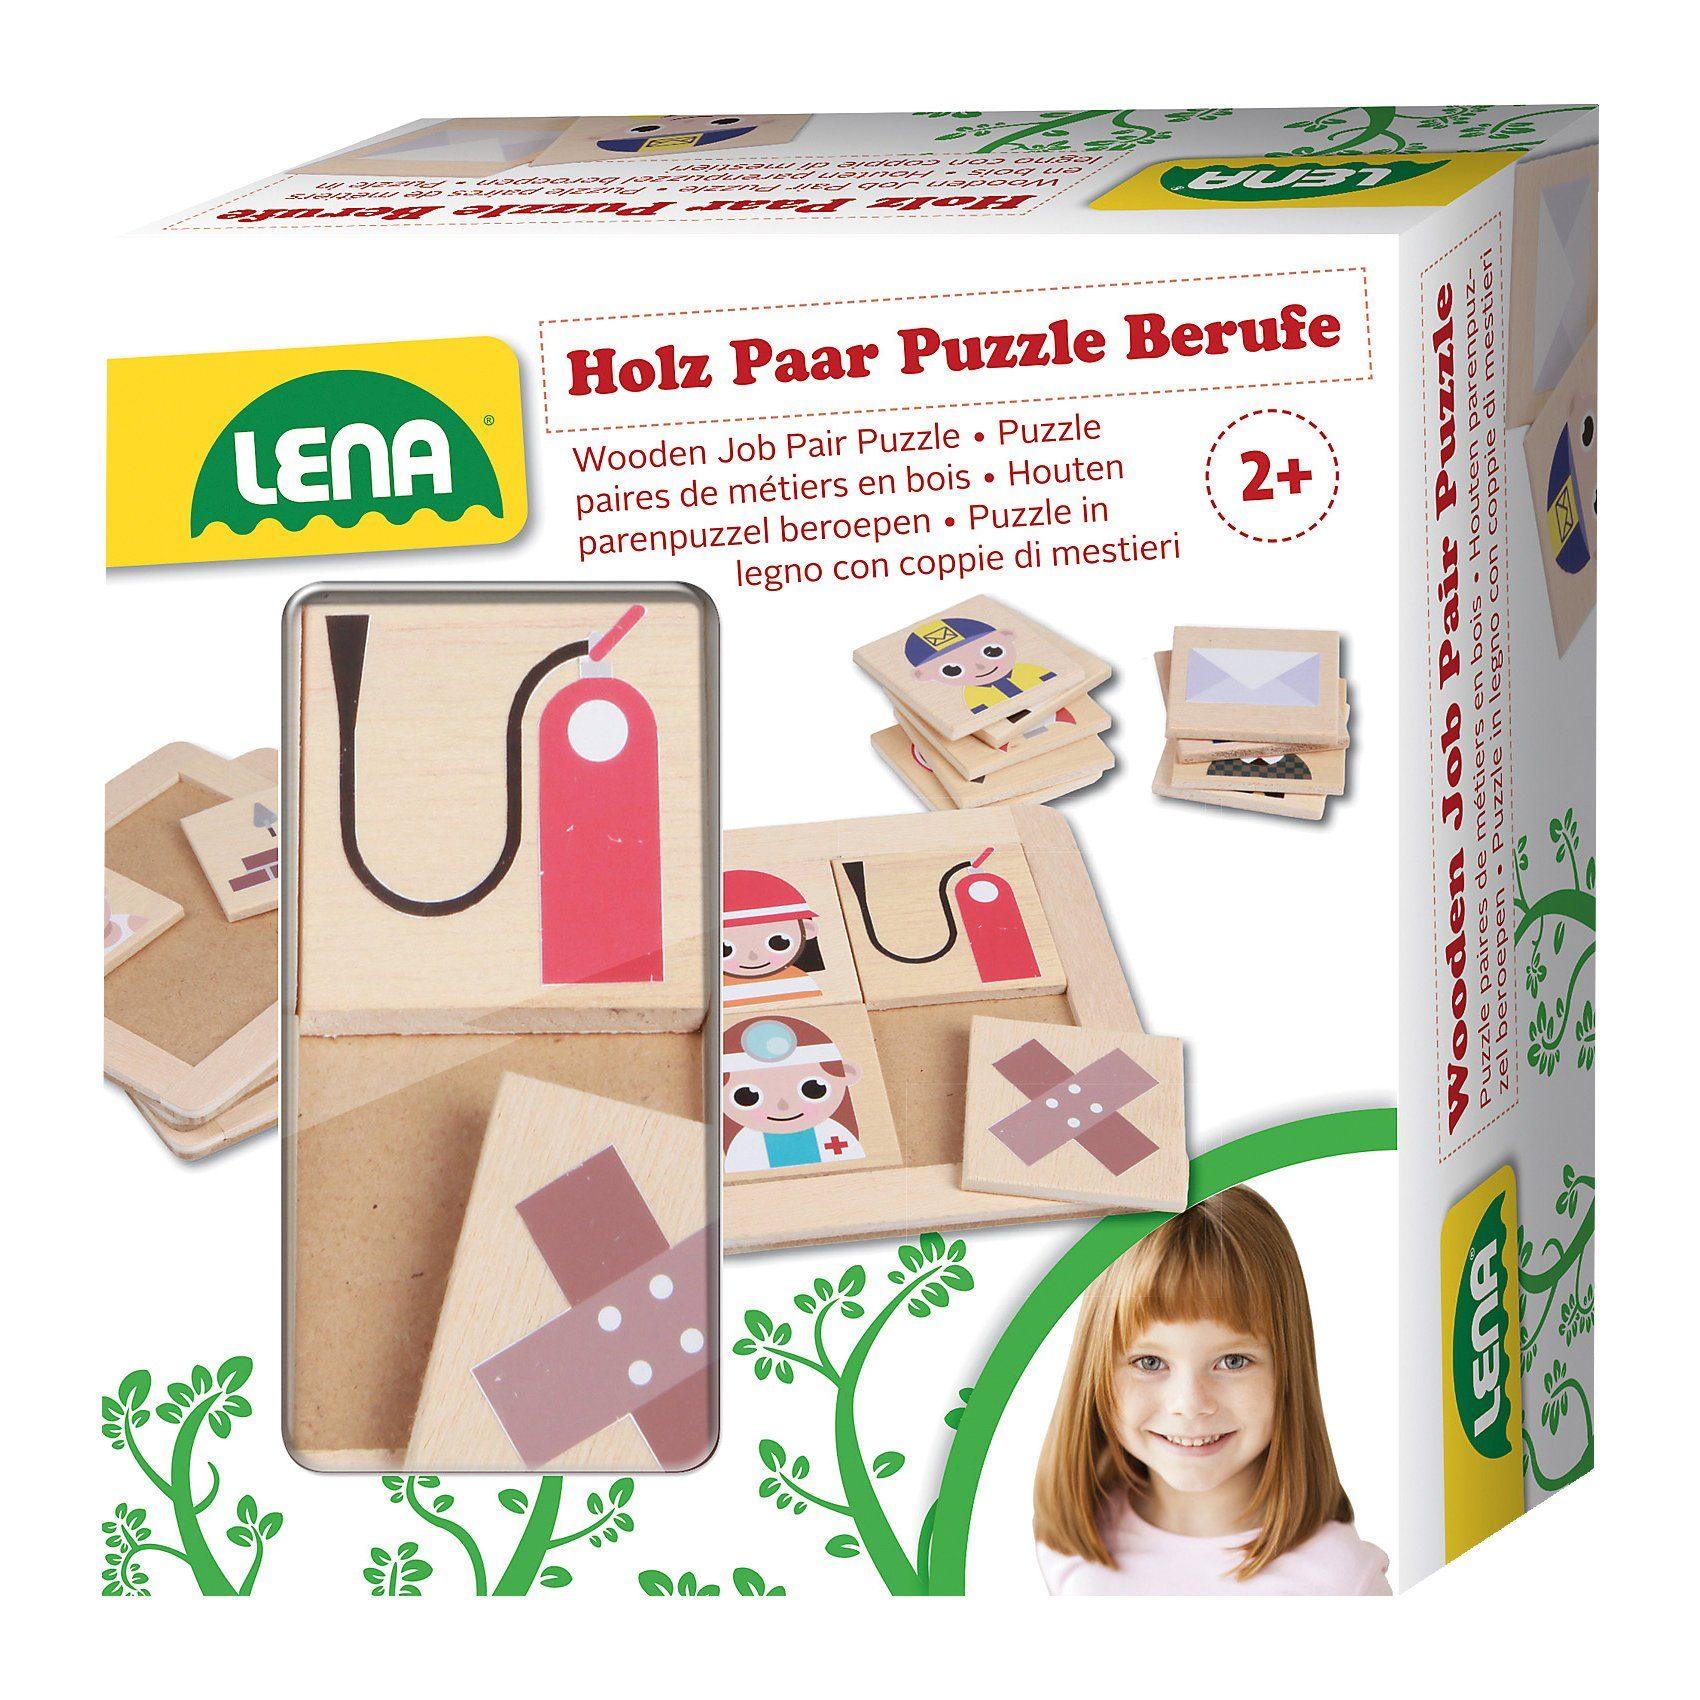 Lena® Holz Paar Puzzle Berufe